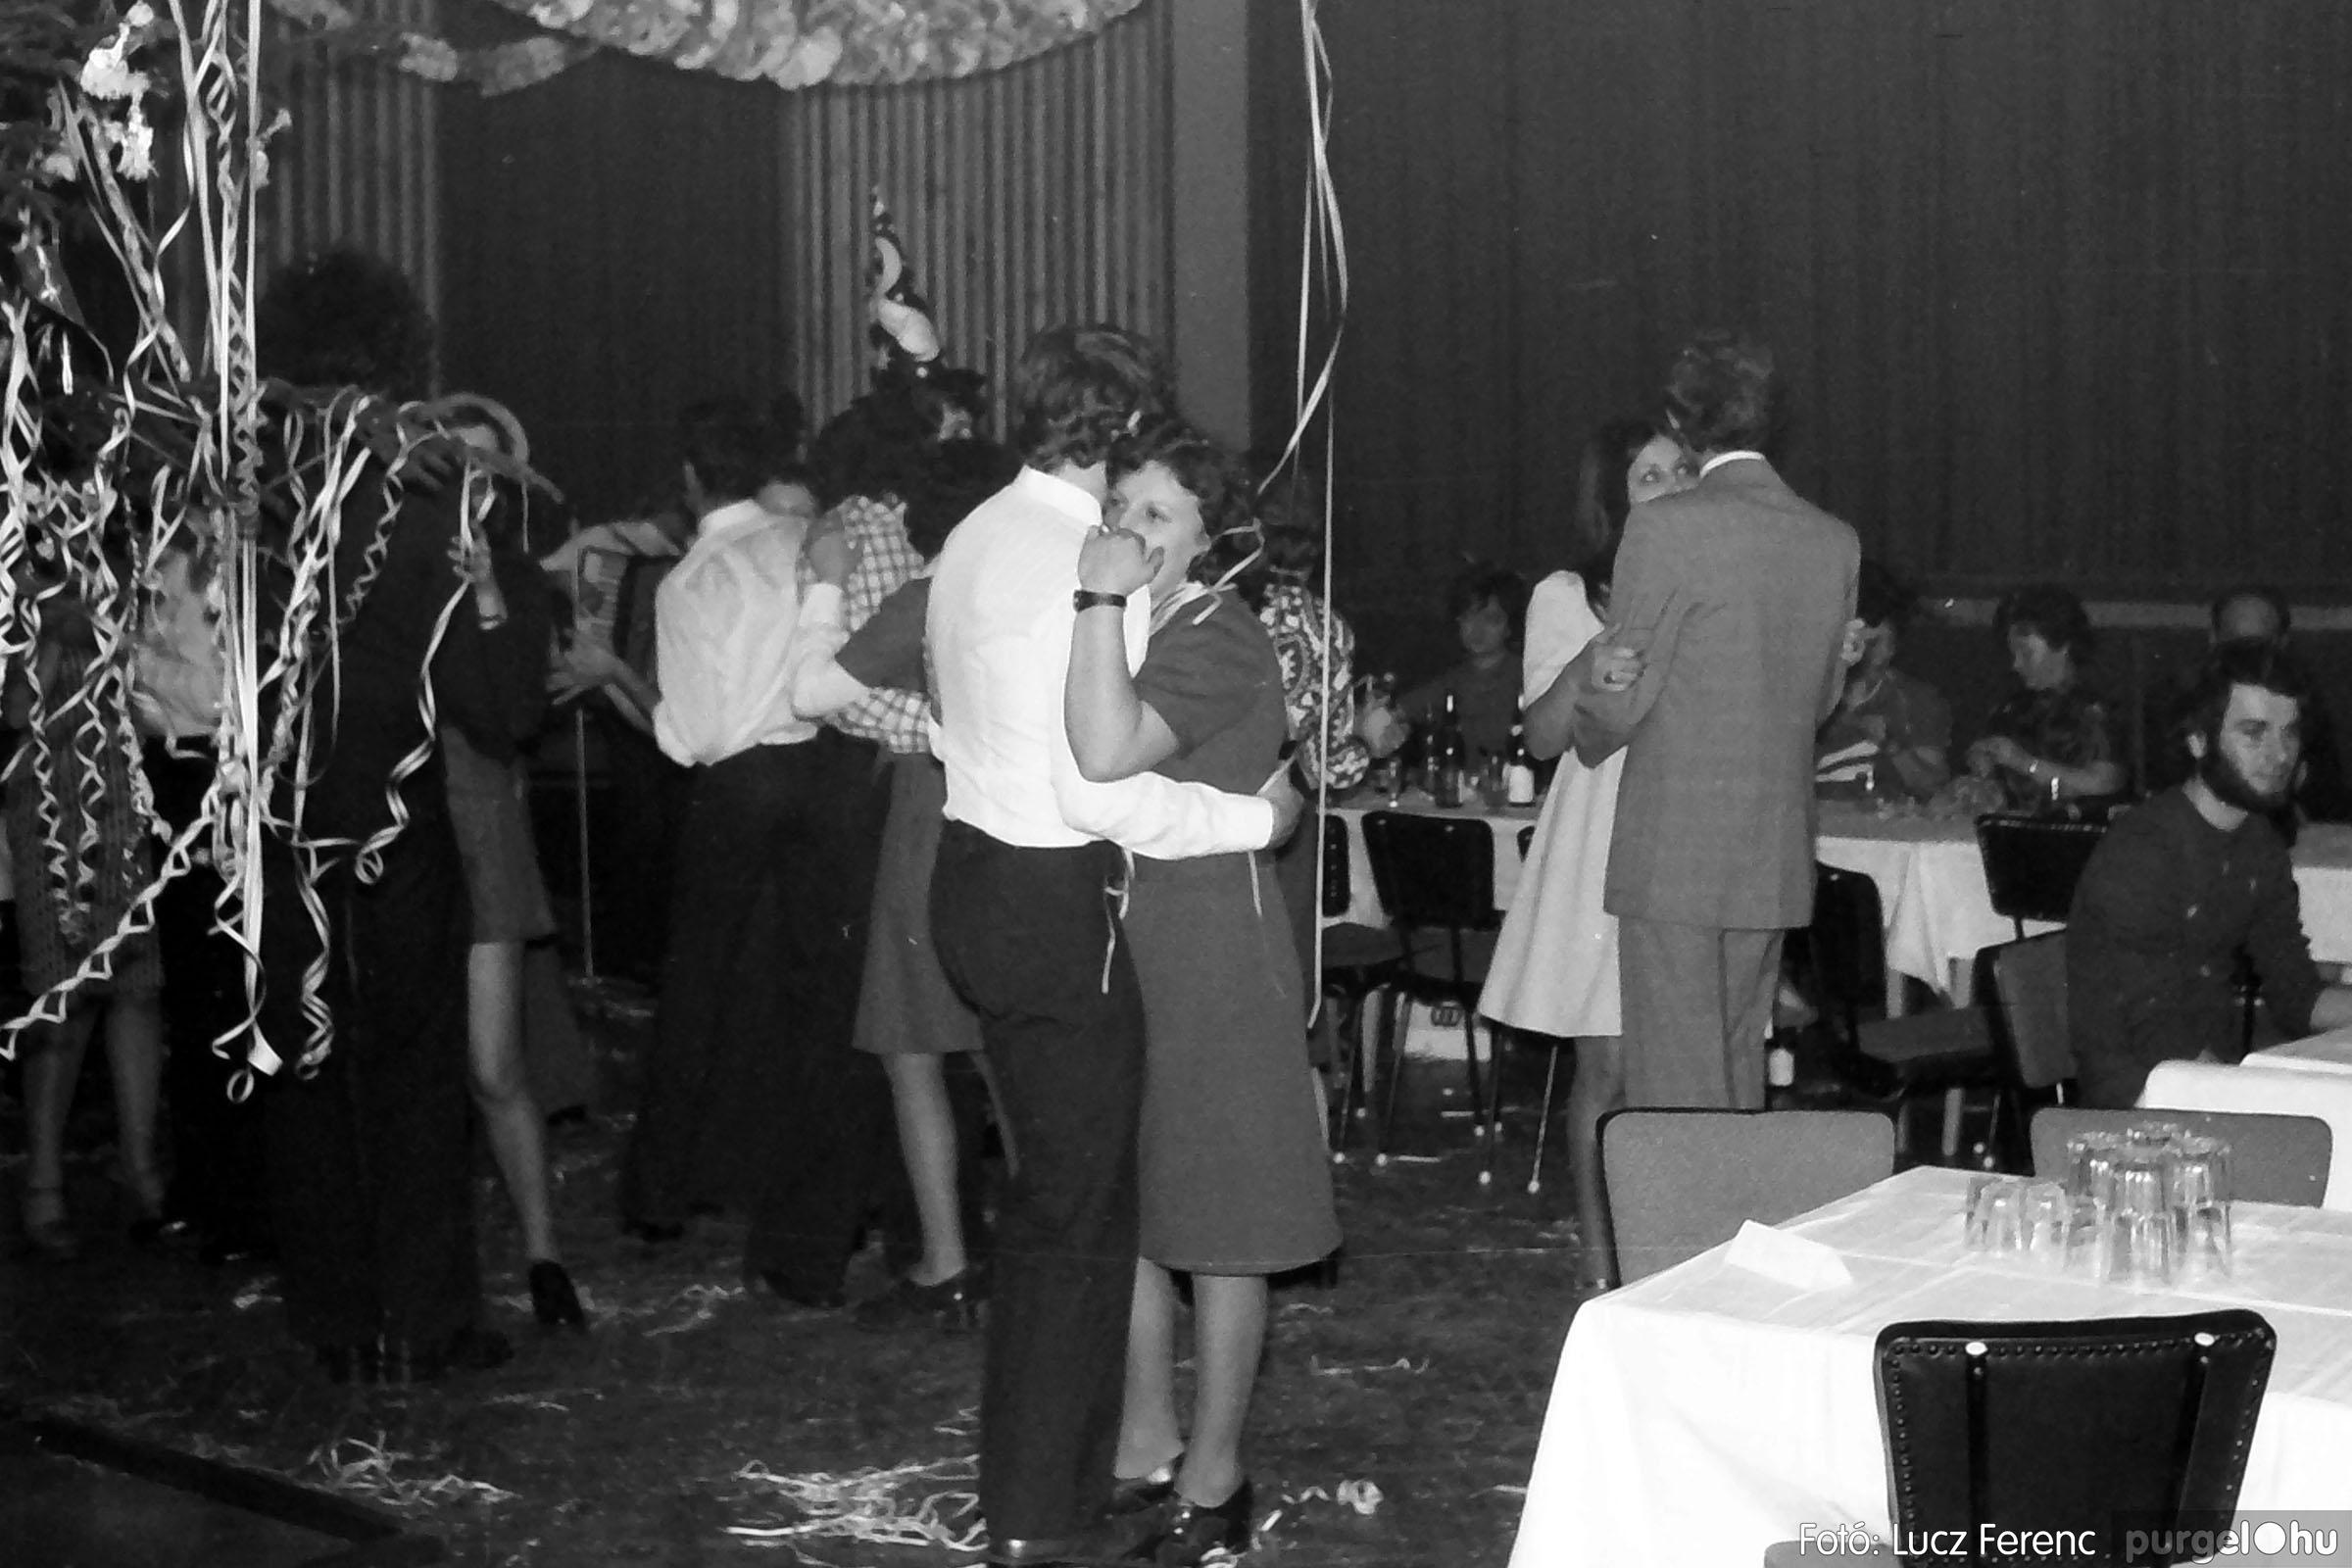 030. 1975.12.31. Szilveszter a kultúrházban 019 - Fotó: Lucz Ferenc.jpg